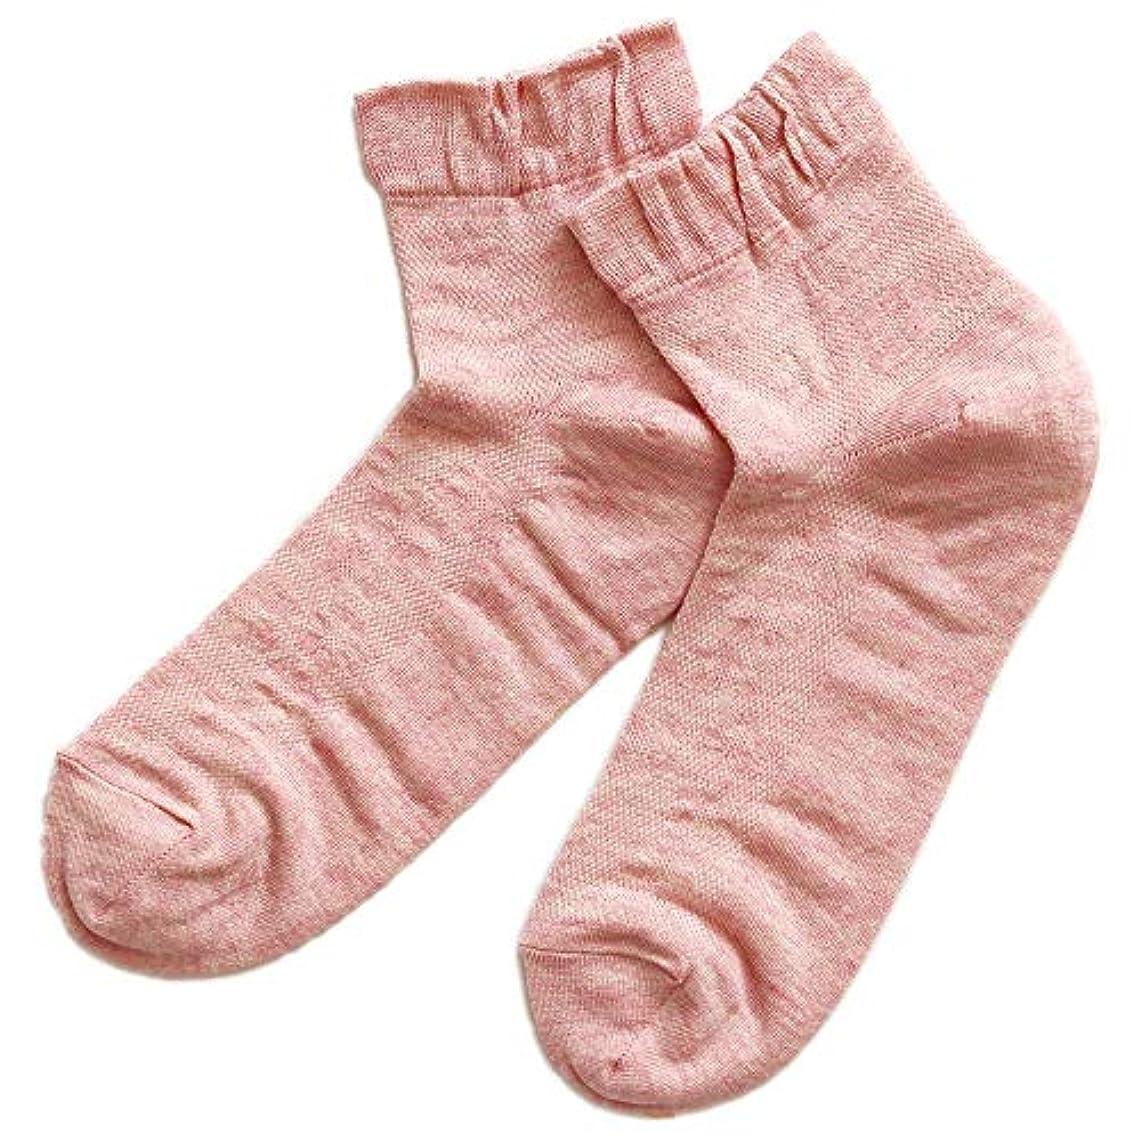 エロチック一般的に余分な温むすび かかとケア靴下 【足うら美人メッシュタイプ 女性用 22~24cm ピンク】 ひび割れ ケア 夏用